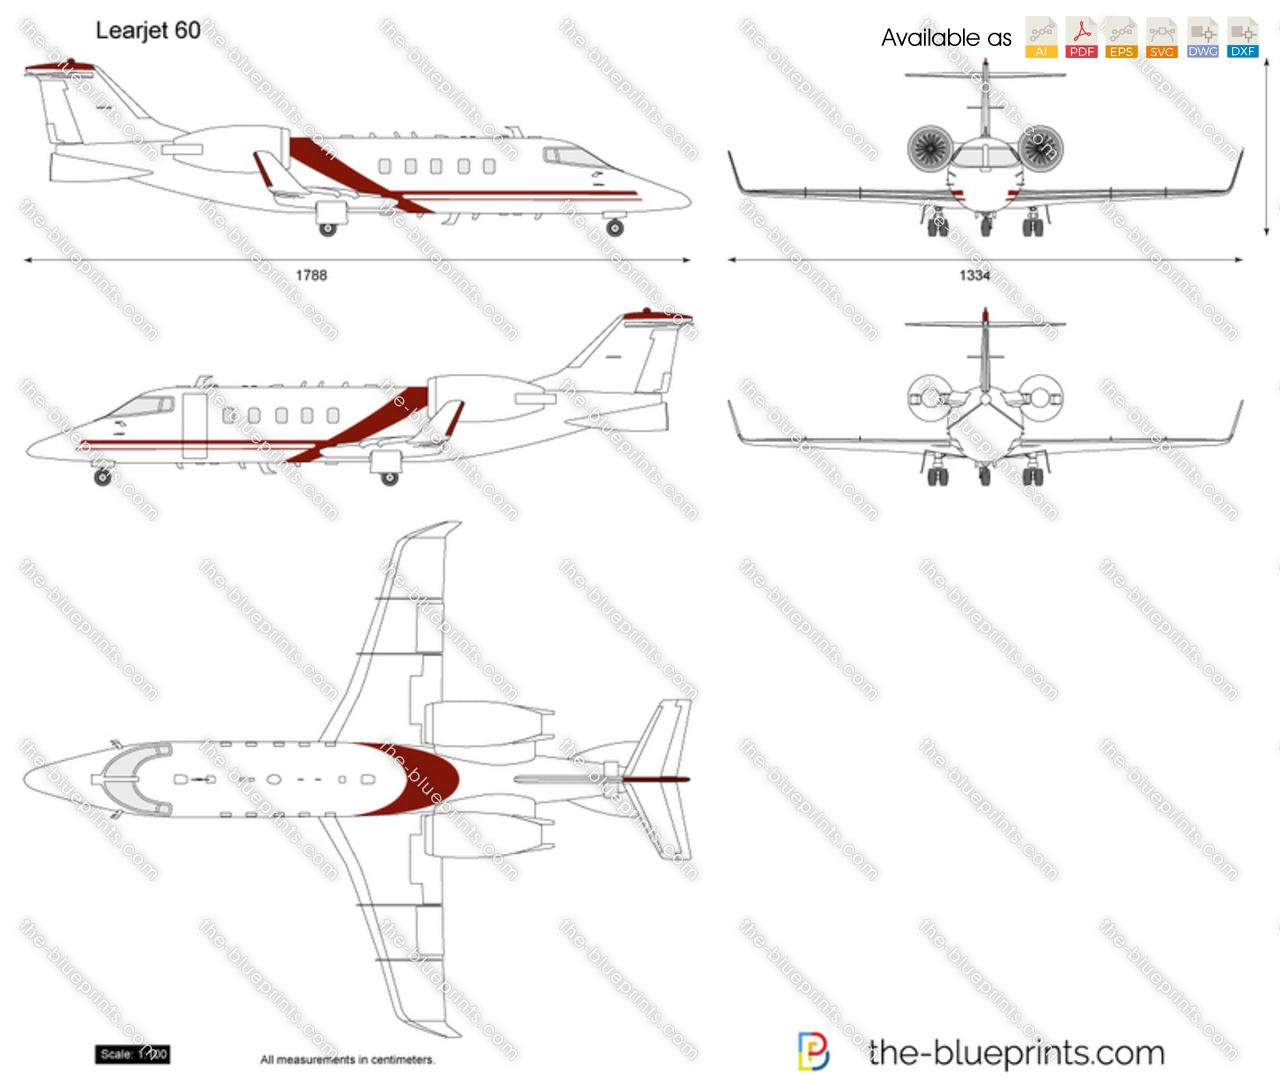 Learjet 60 vector drawing